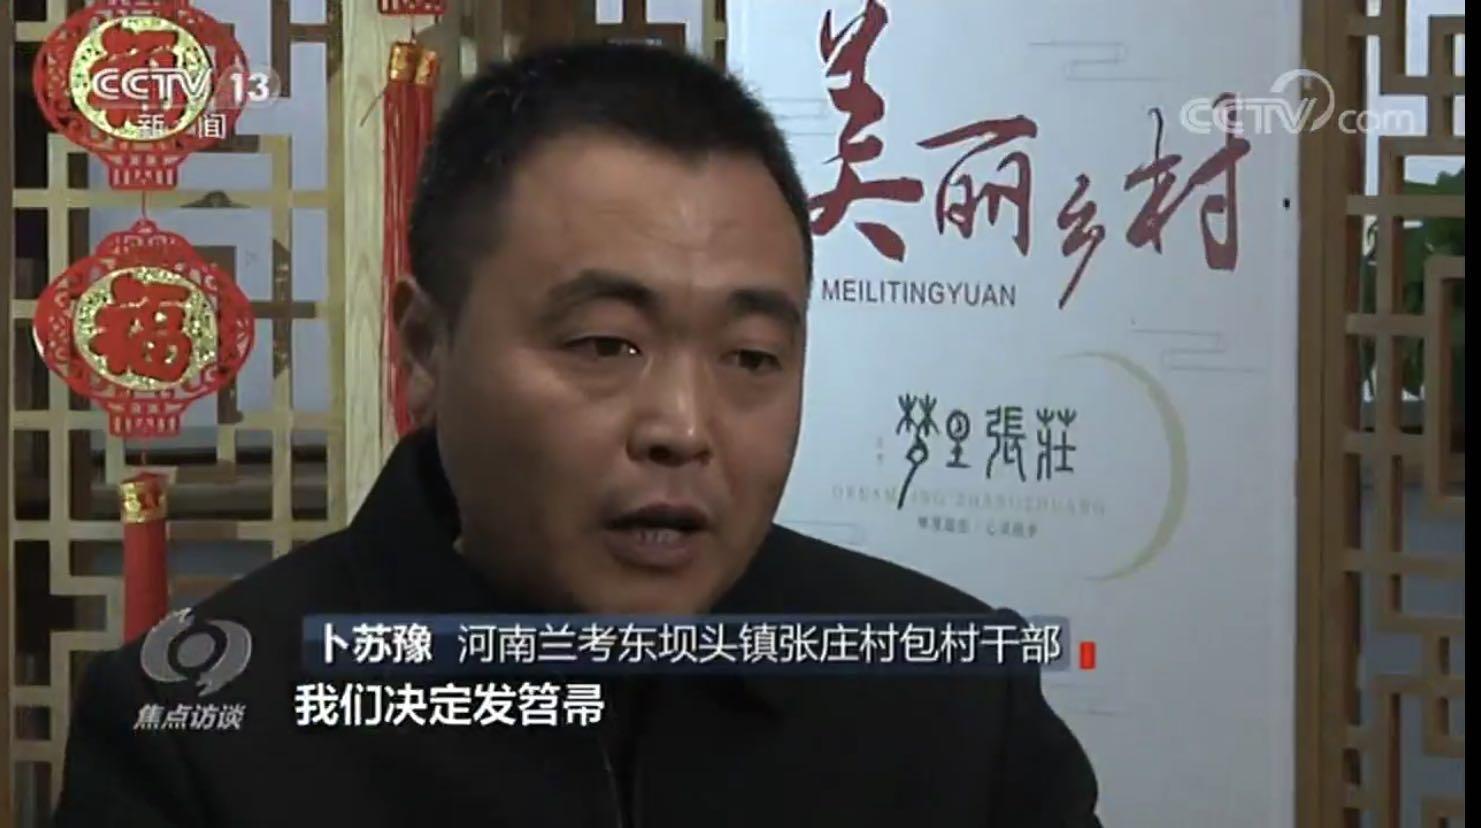 央媒观豫丨《焦点访谈》聚焦兰考张庄的脱贫路